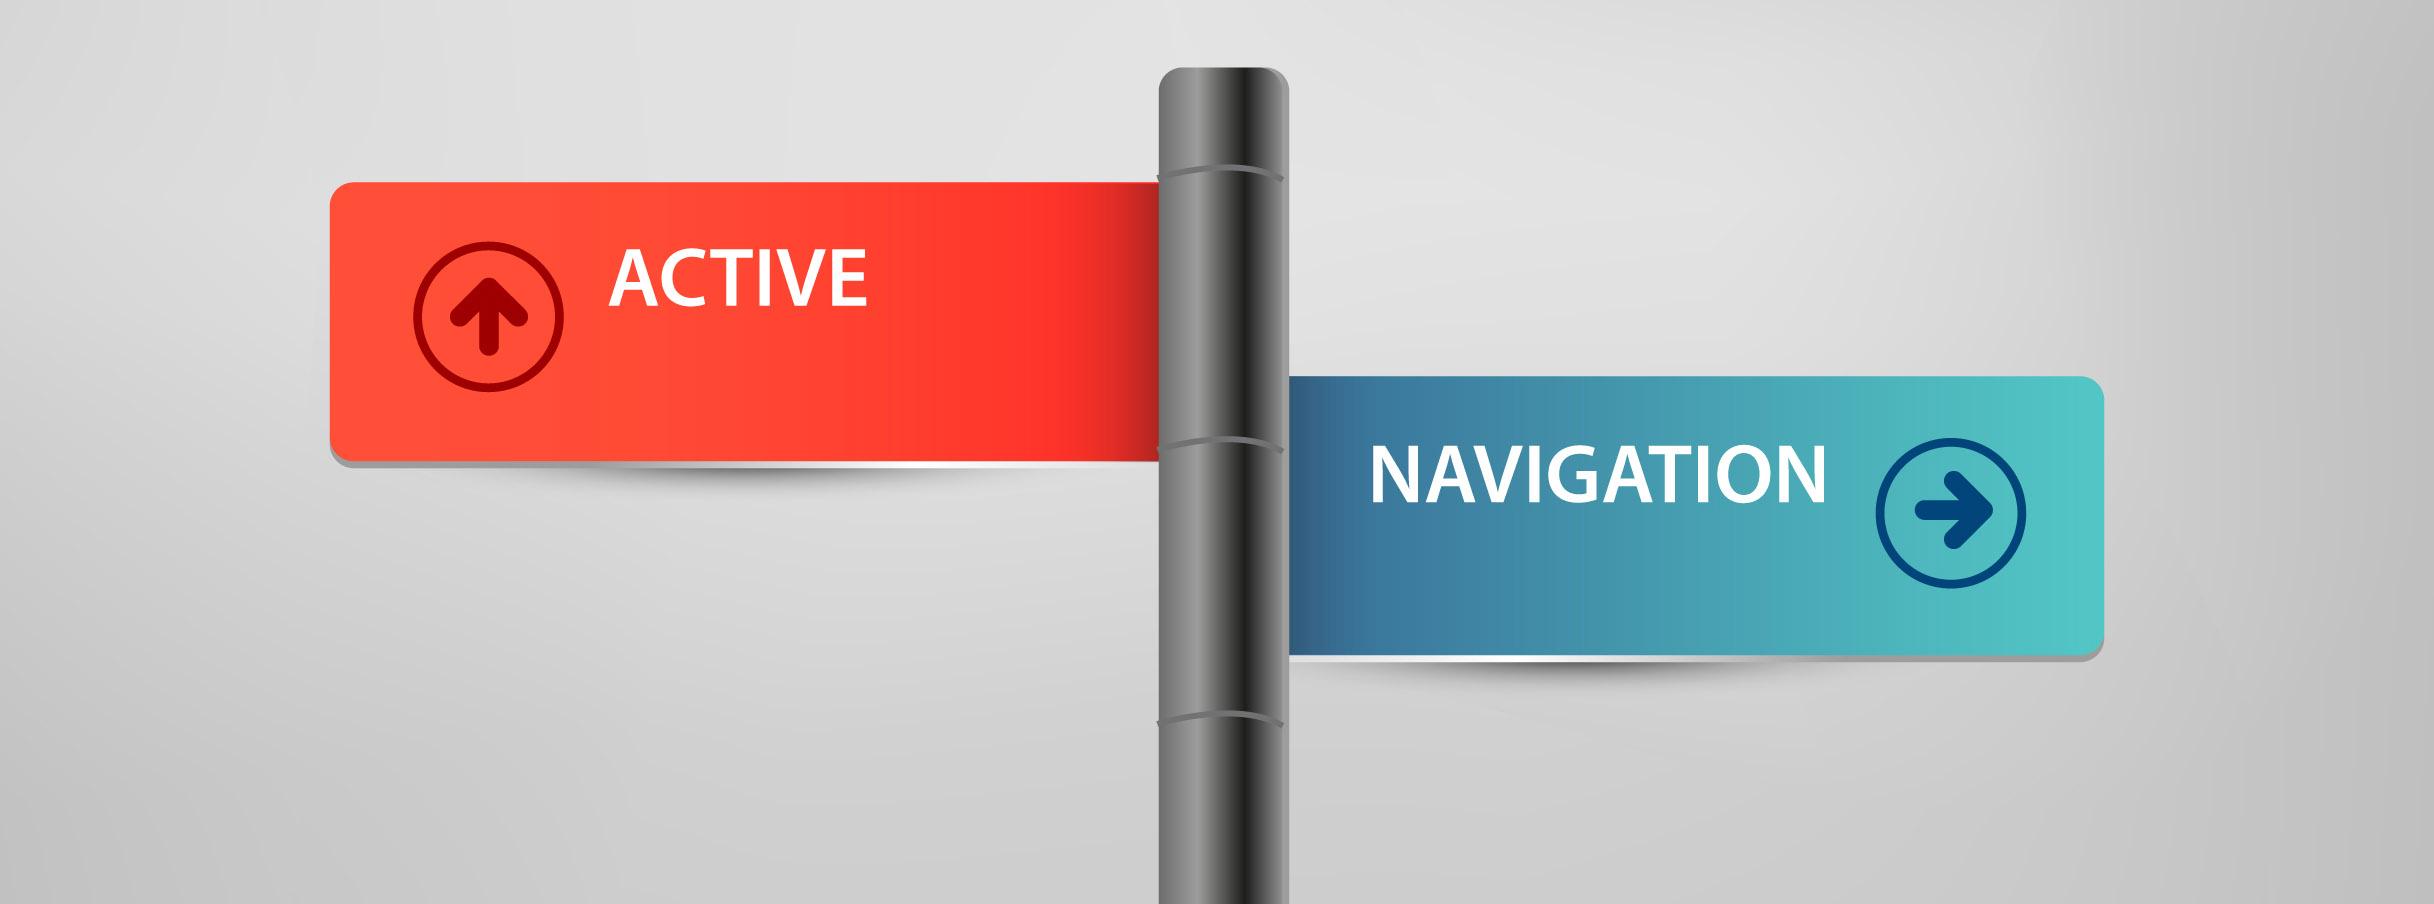 active-navigation-banner.jpg